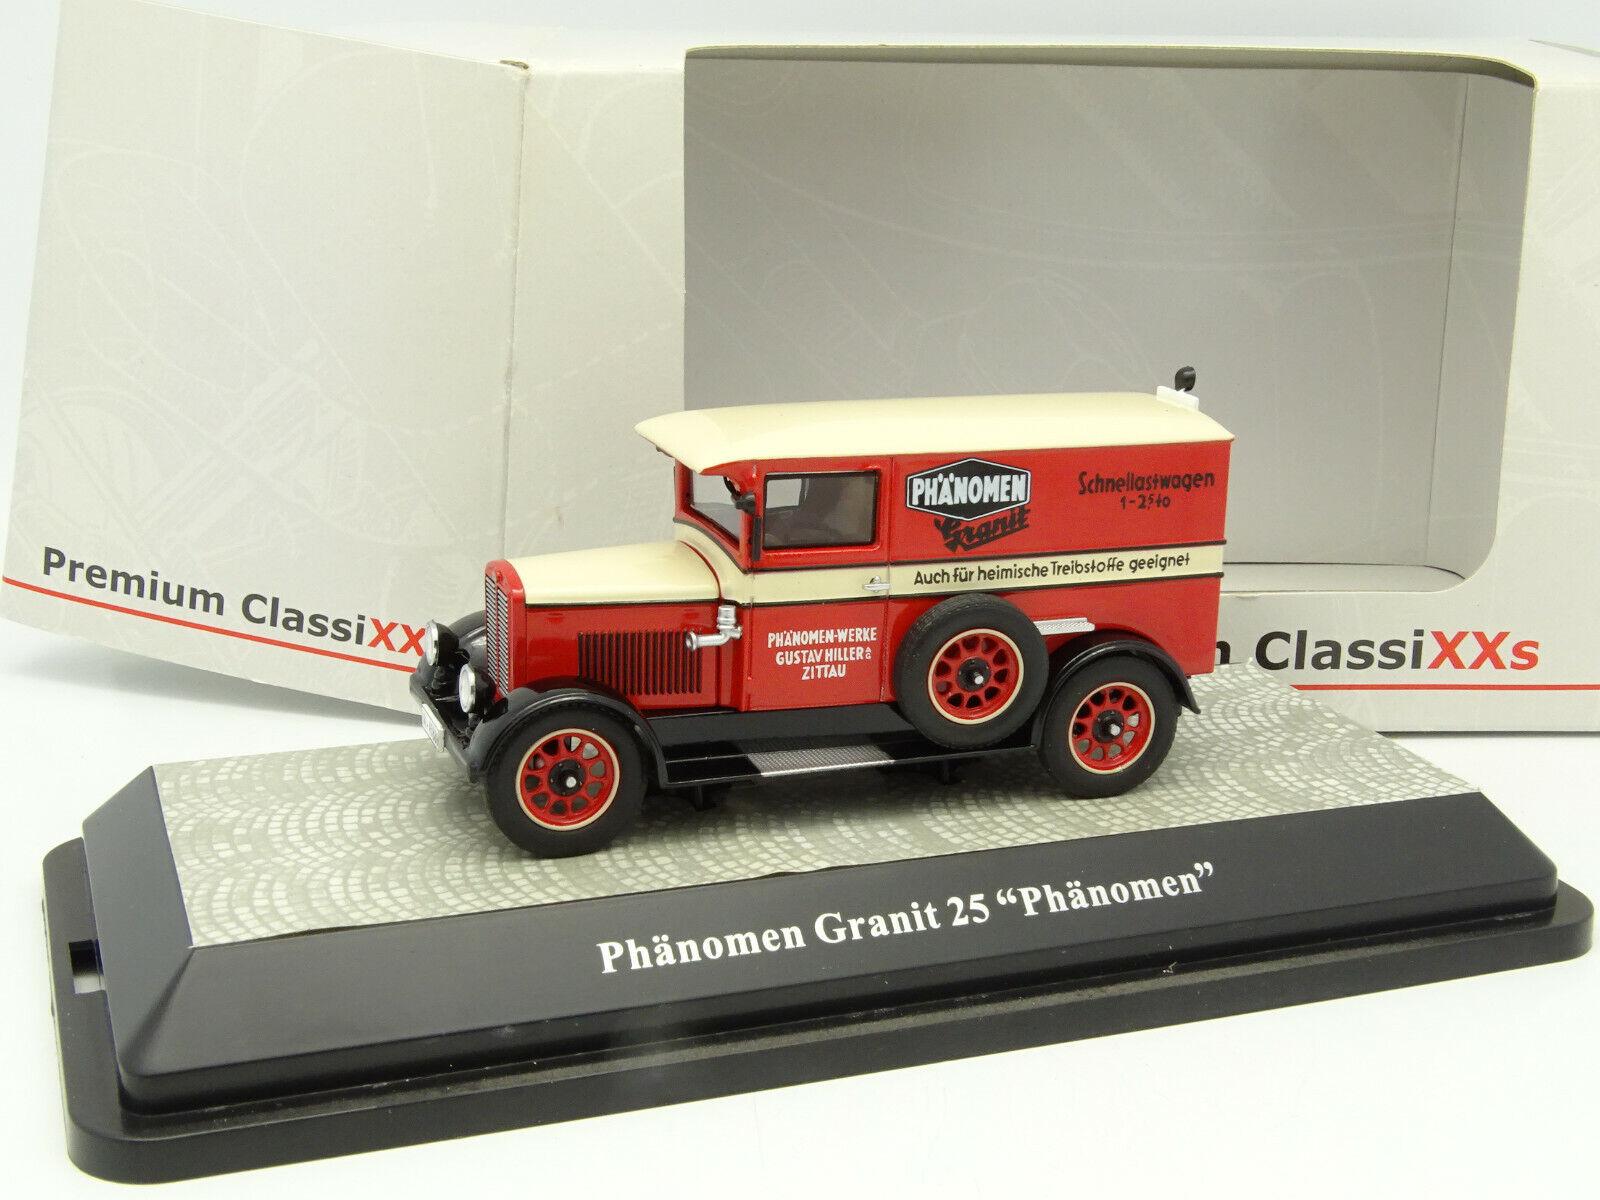 Premium classixxs 1 43 - driver Granite 25 driver